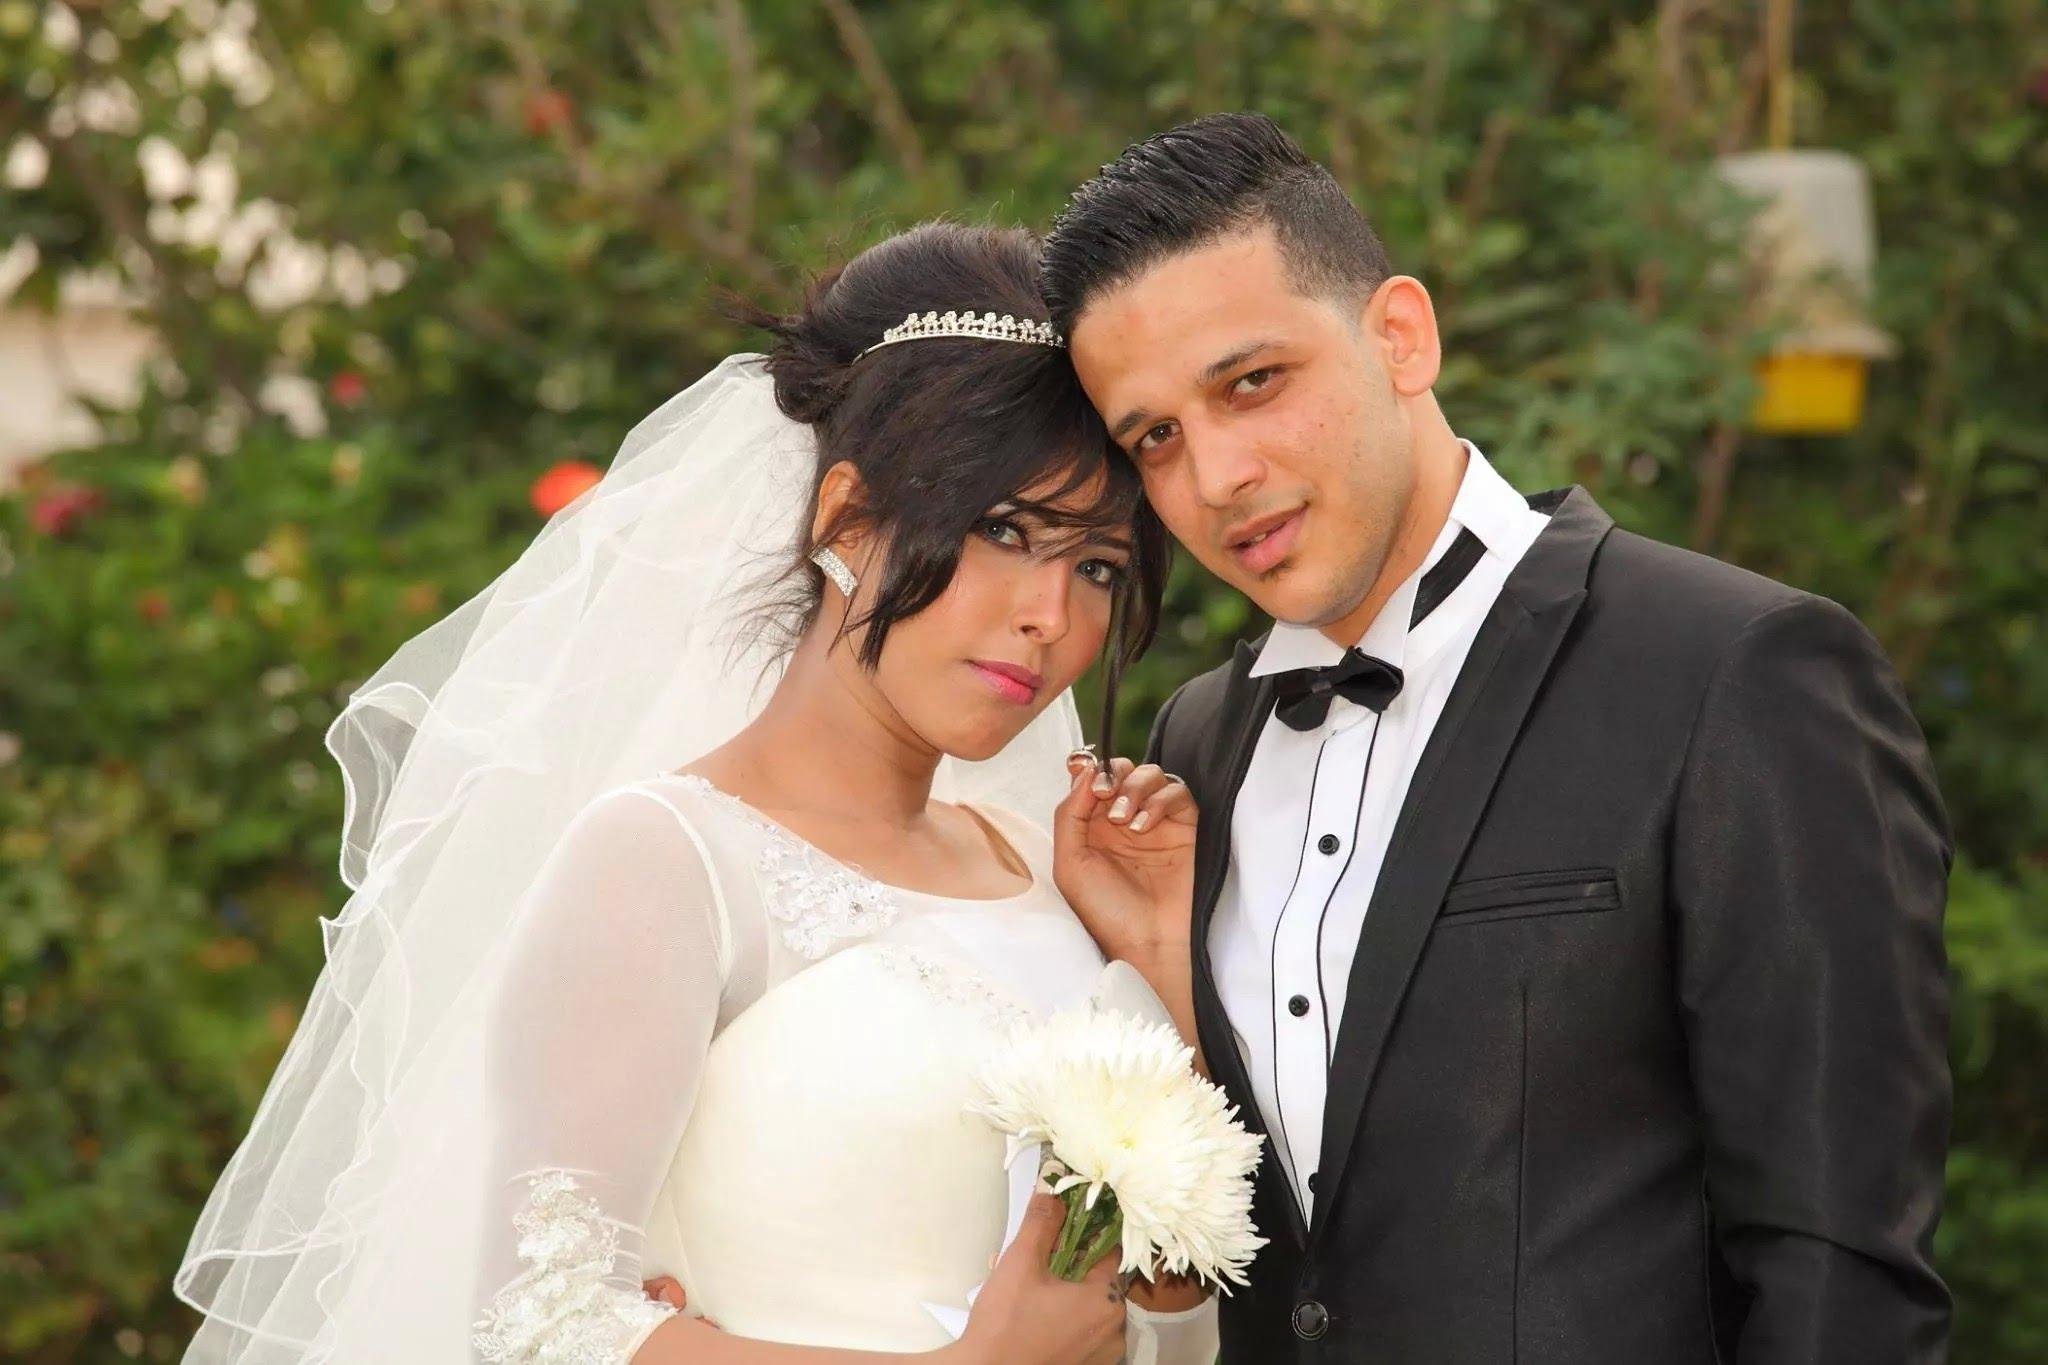 صوره صور عريس وعروسة , اروع واجمل صور العروسين